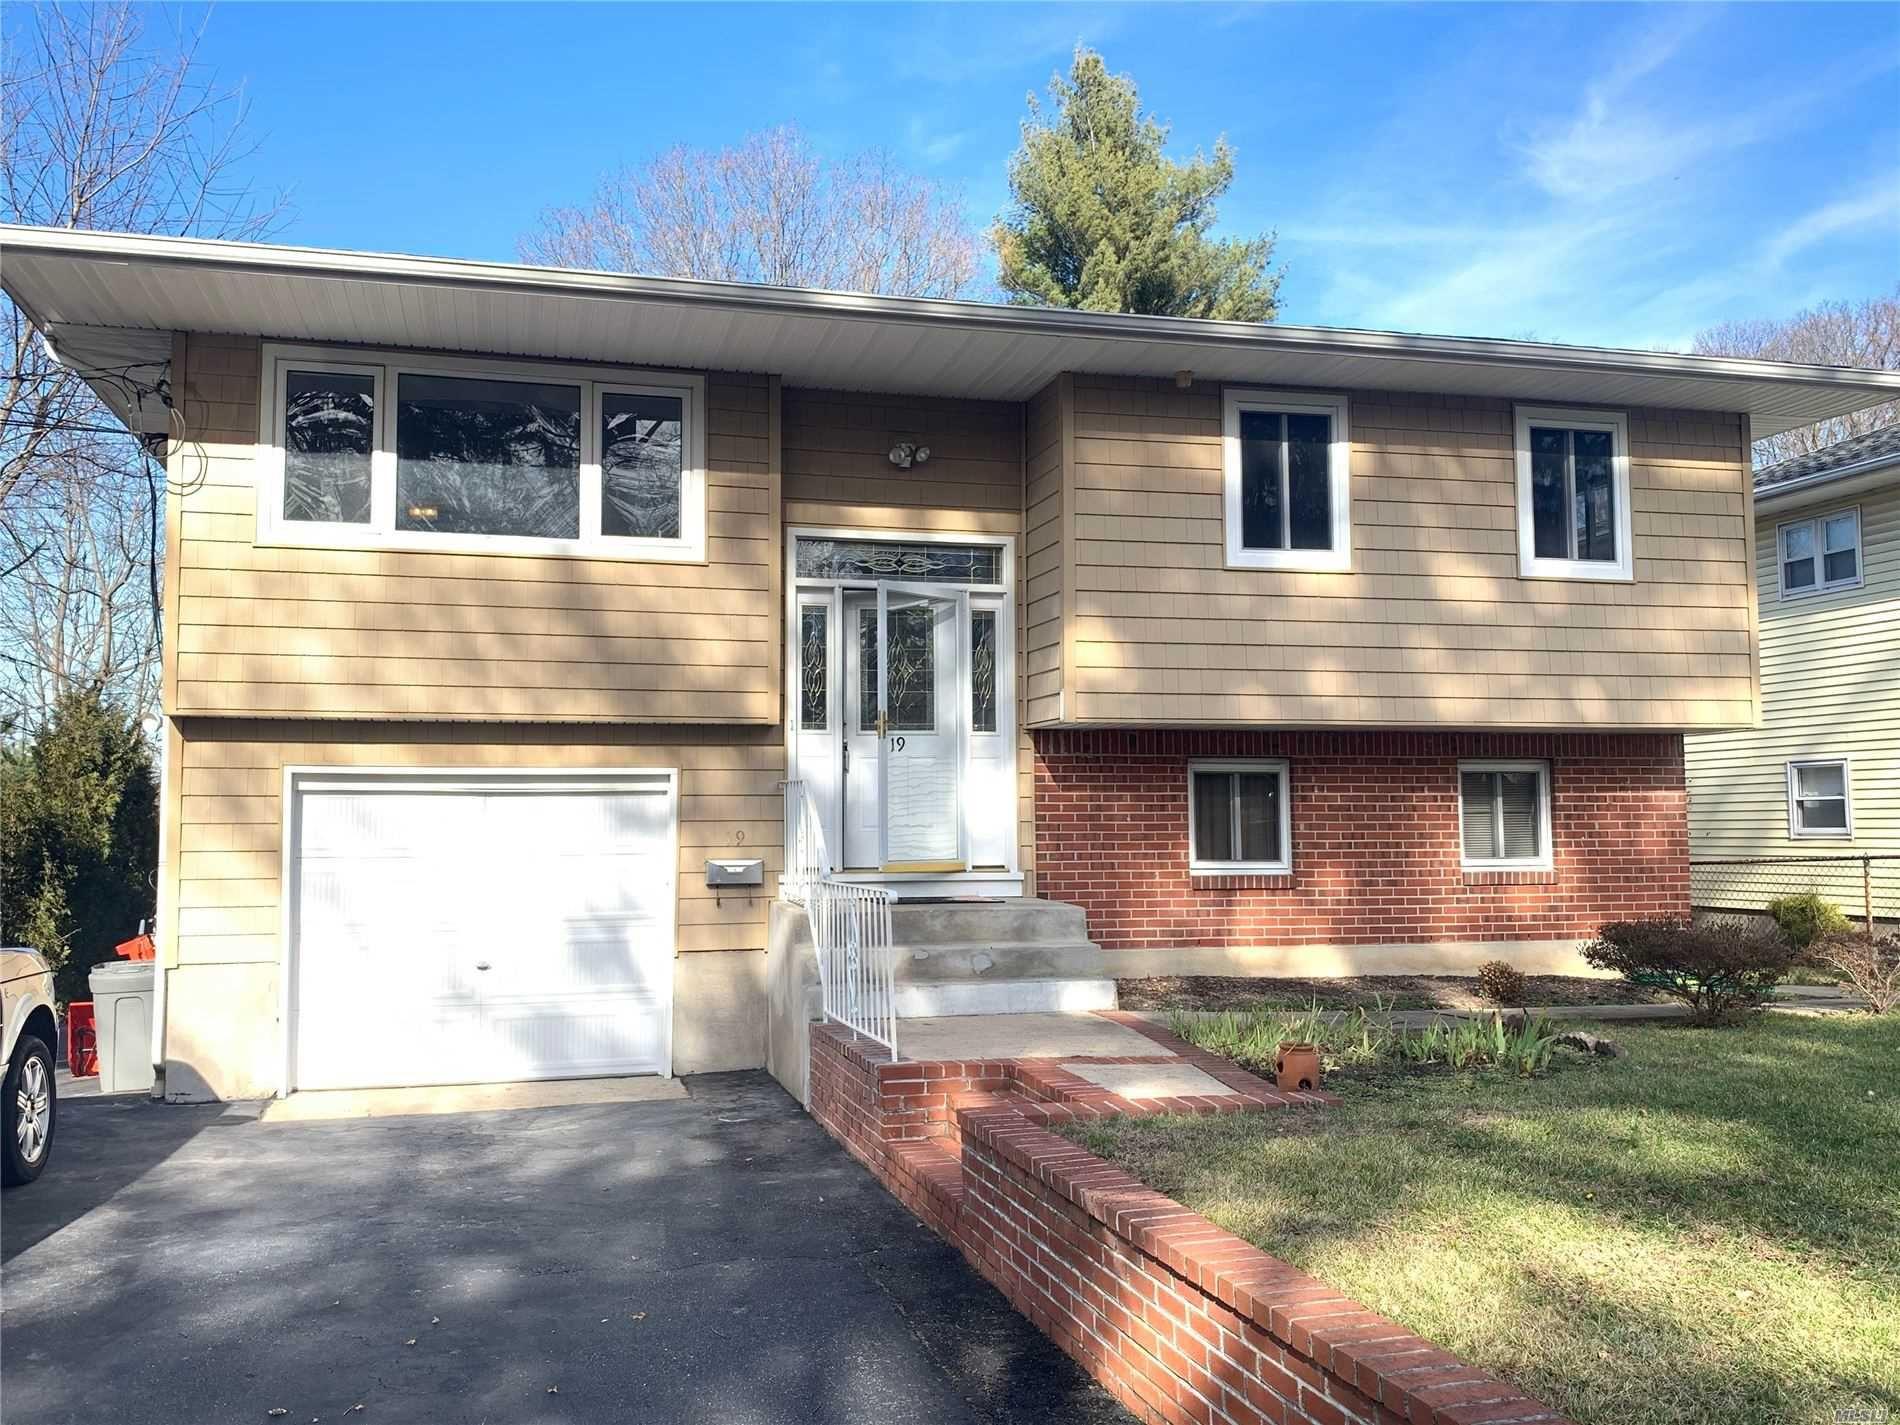 19 Ketewomoke Drive, Huntington, NY 11743 - MLS#: 3190216